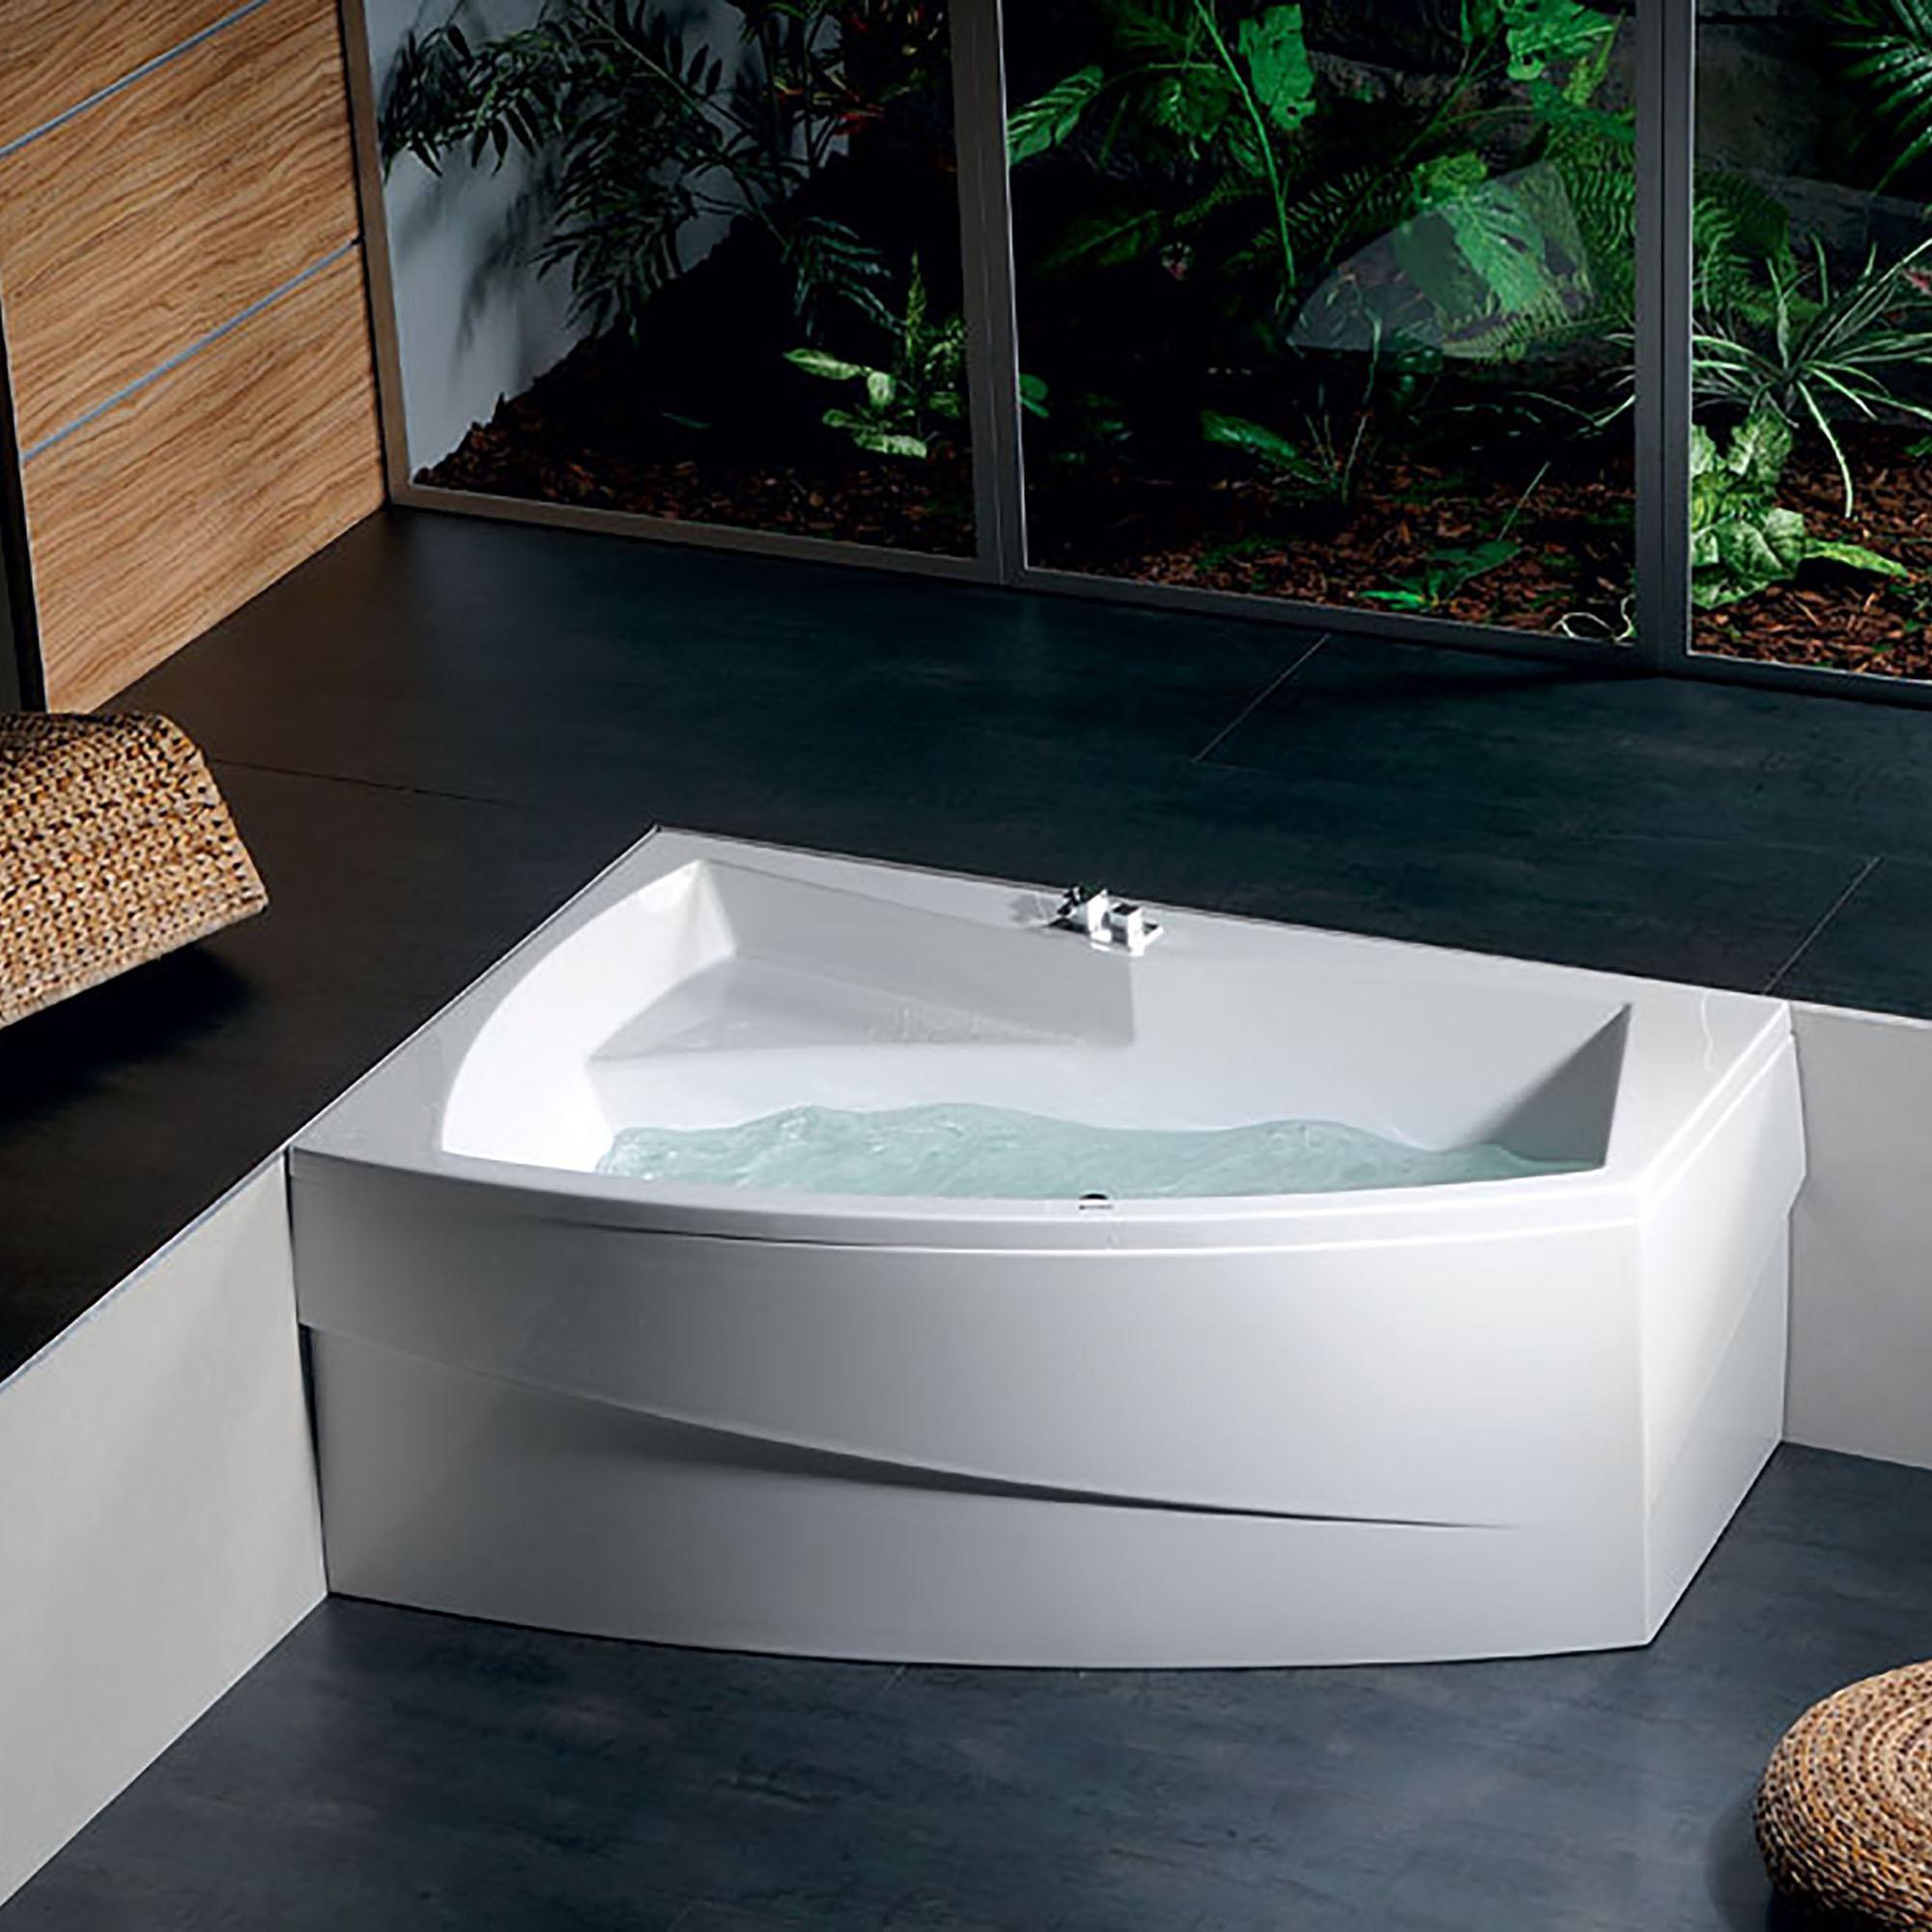 Акриловая ванна Alpen Evia 170x100 L акриловая ванна alpen astra 165x80 l